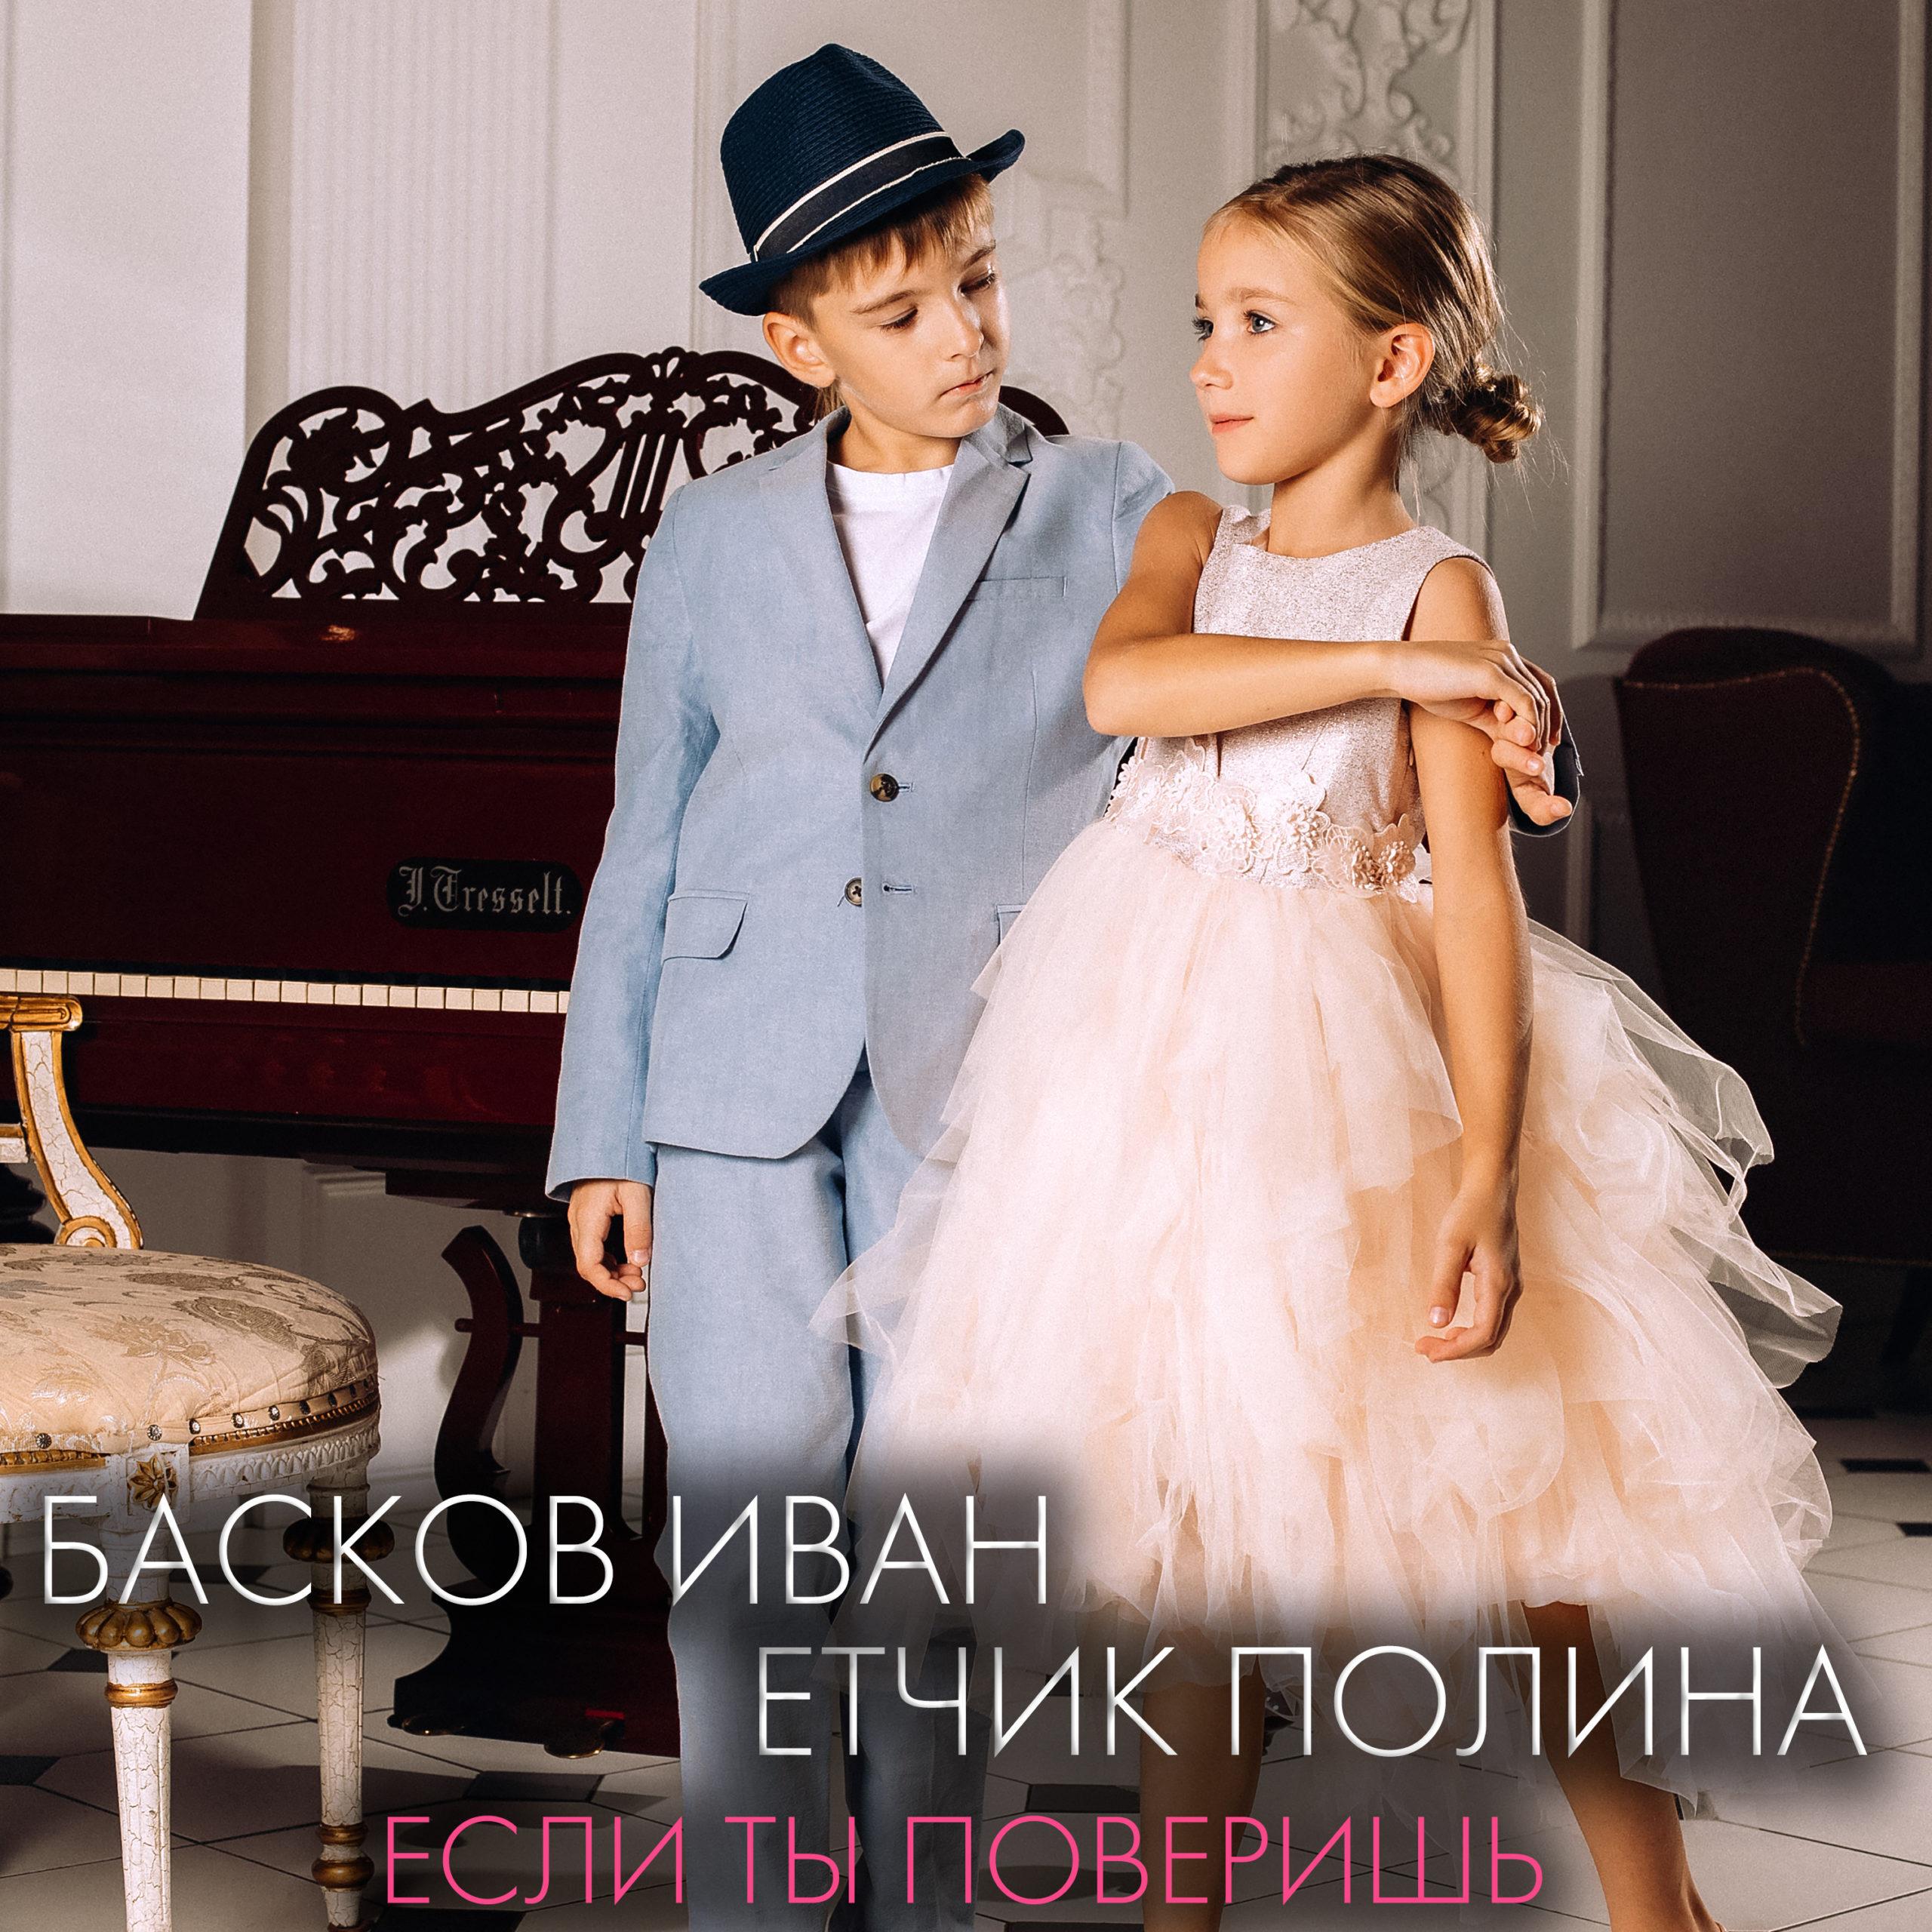 Если ты поверишь - Басков Иван и Етчик Полина